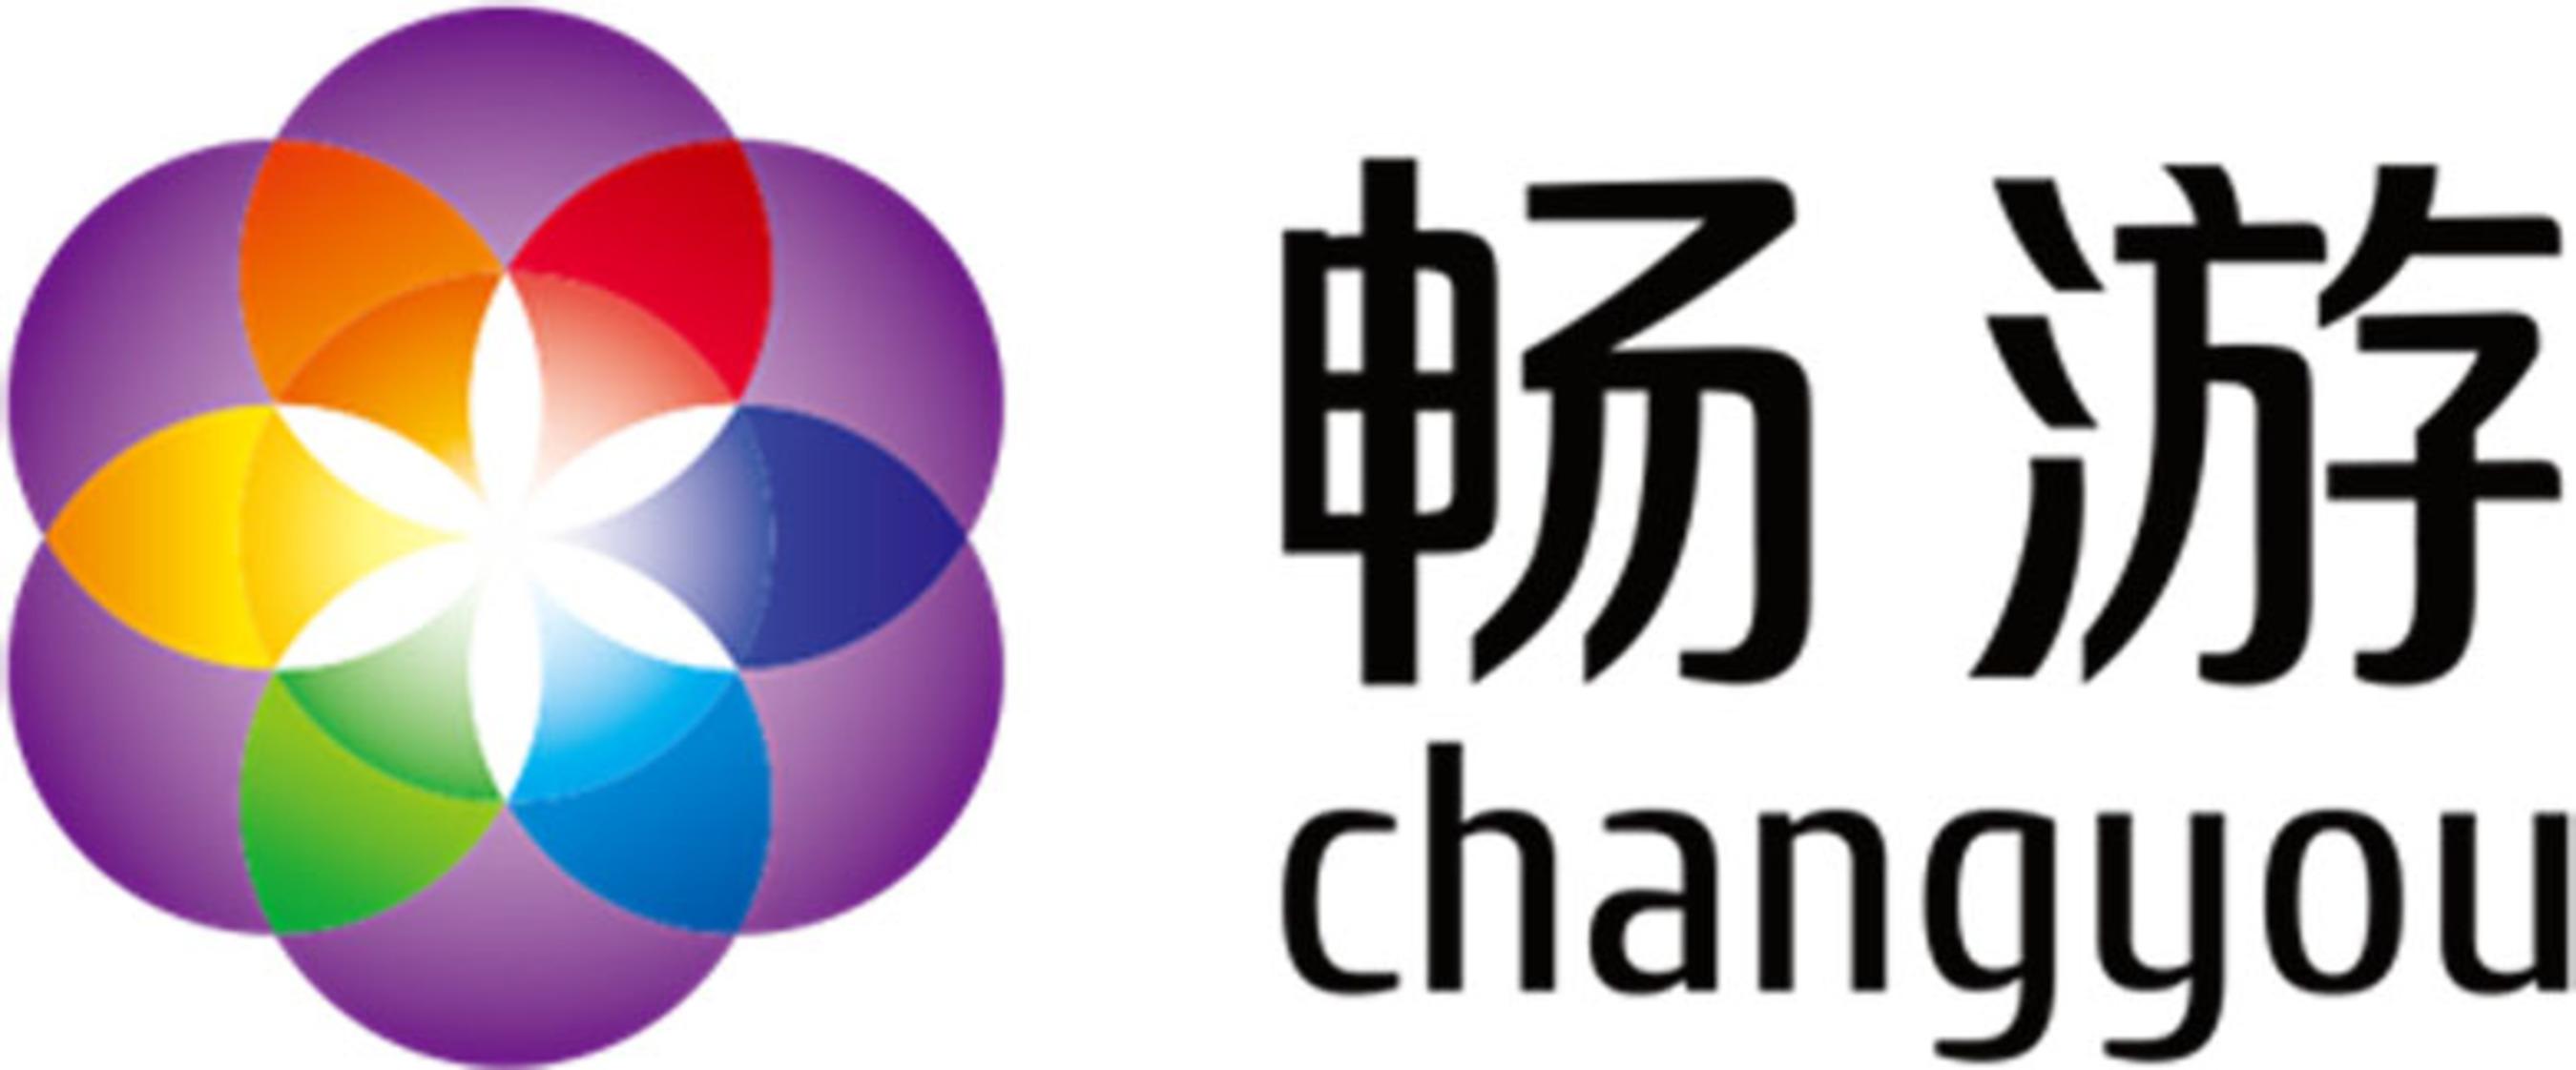 Changyou.com Logo. (PRNewsFoto/Changyou.com Limited) (PRNewsFoto/)